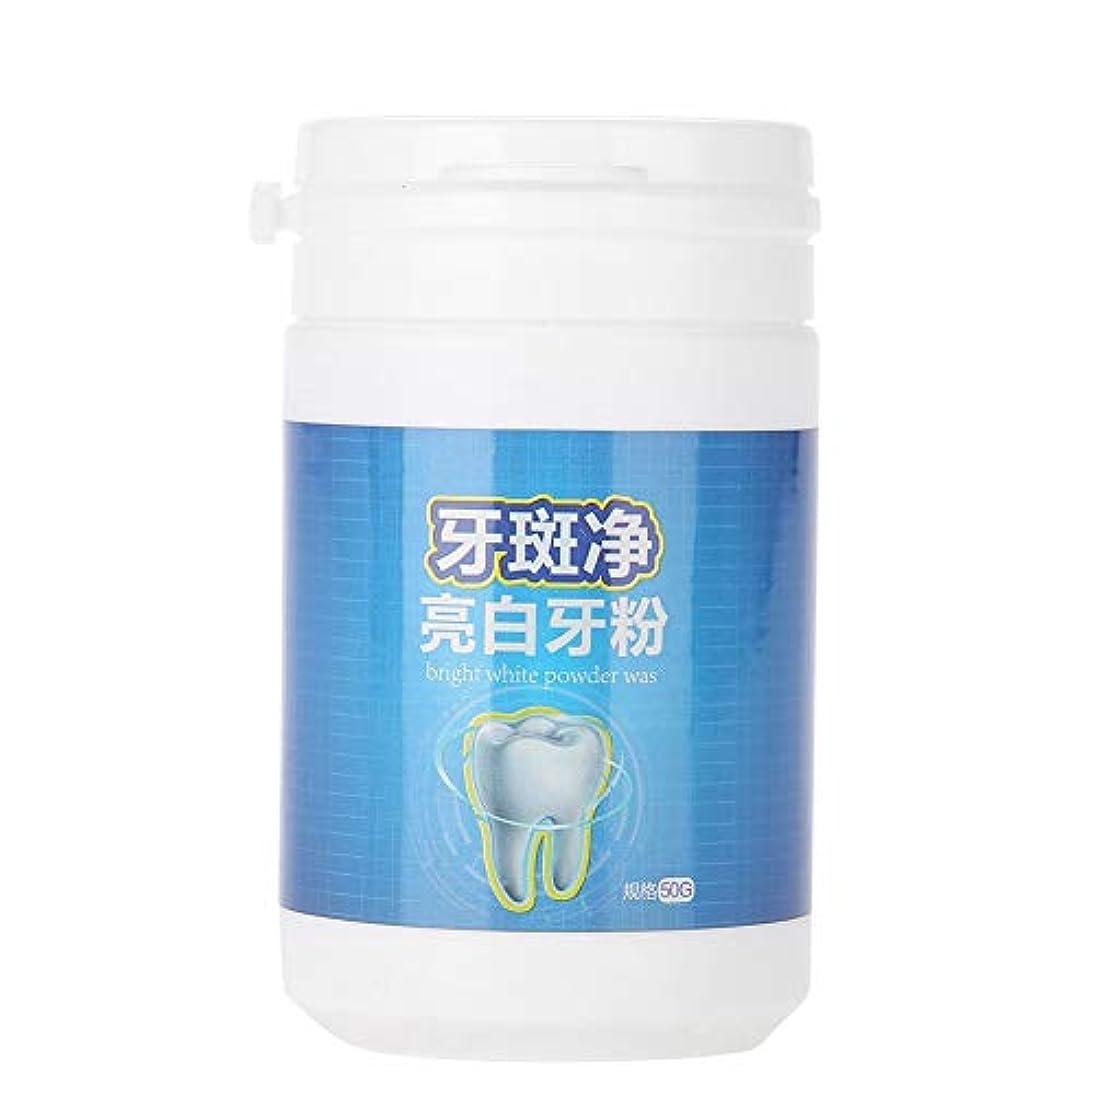 近似大理石小切手粉茶コーヒーの汚れの口臭の取り外しの口腔ケアの粉を白くする口腔ケアの粉50gの歯